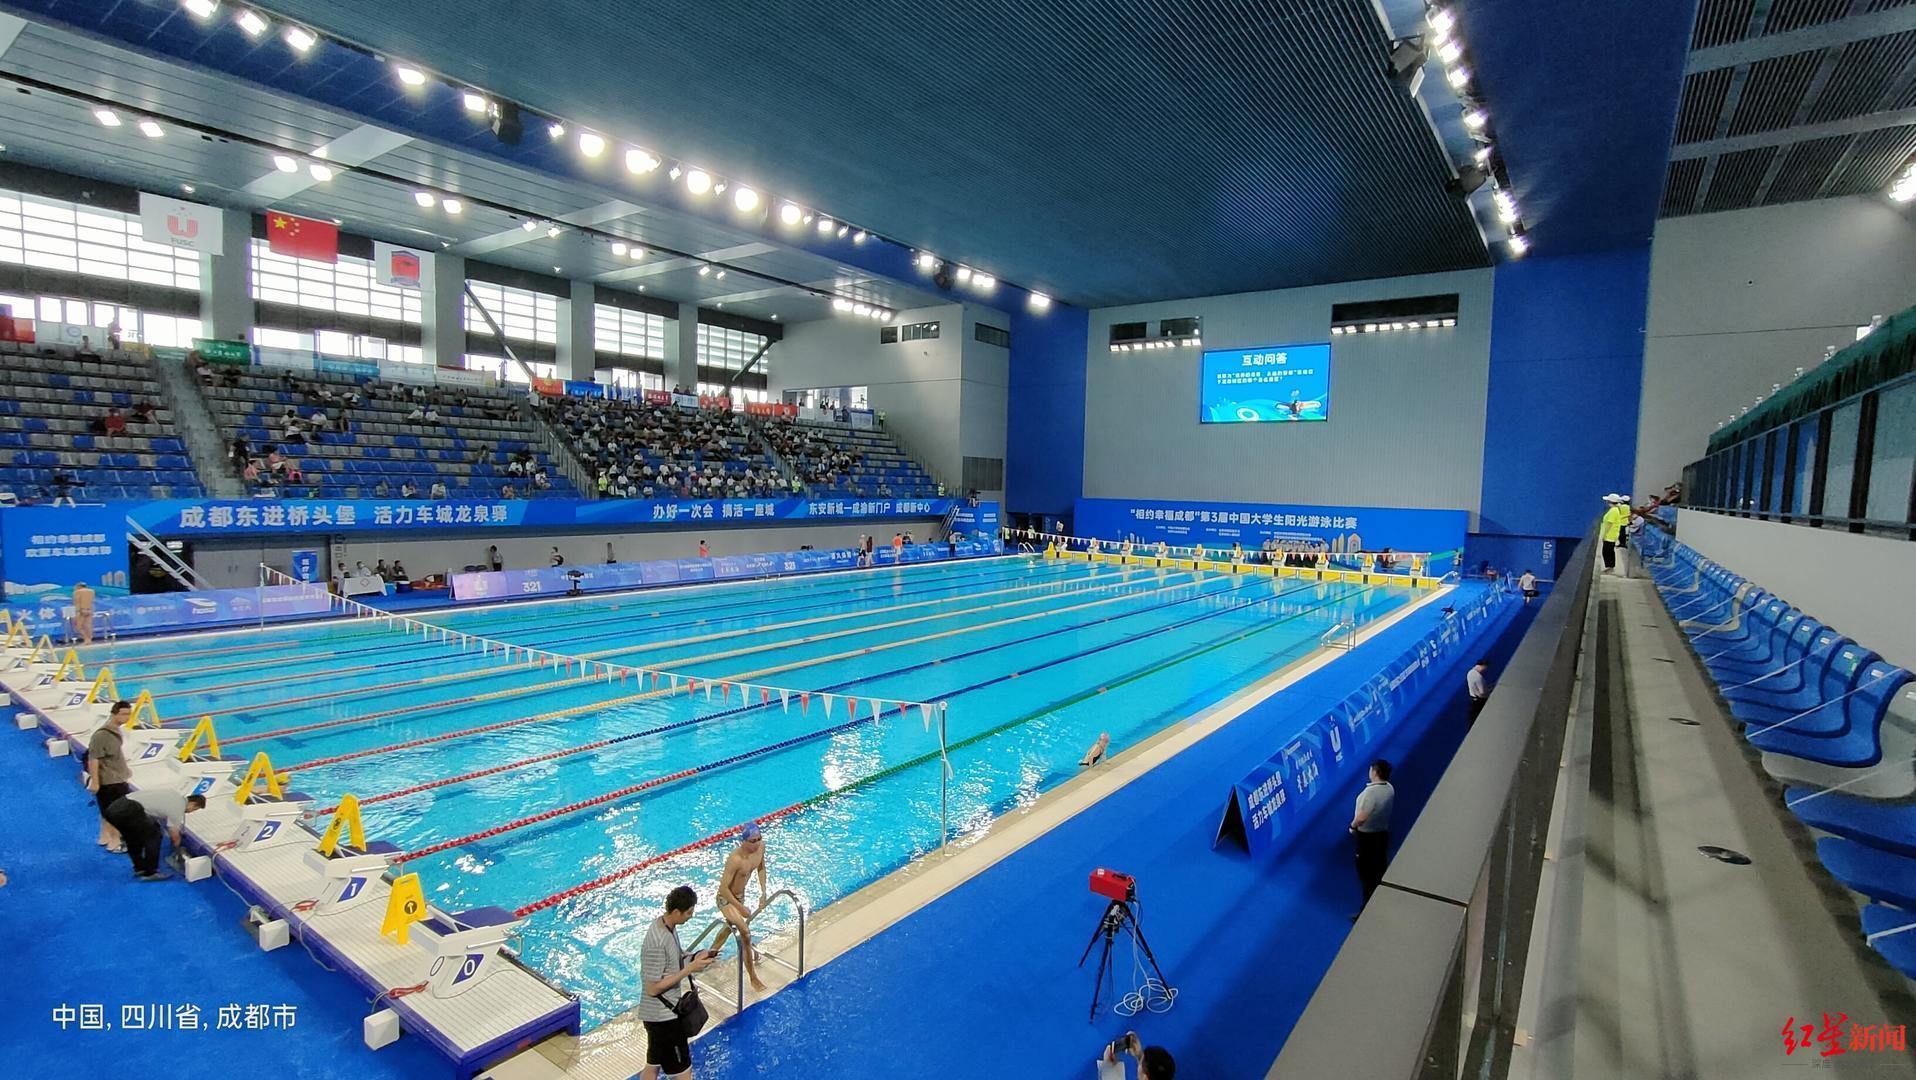 东安湖体育公园游泳跳水馆首秀,首日见证全国纪录大幅刷新